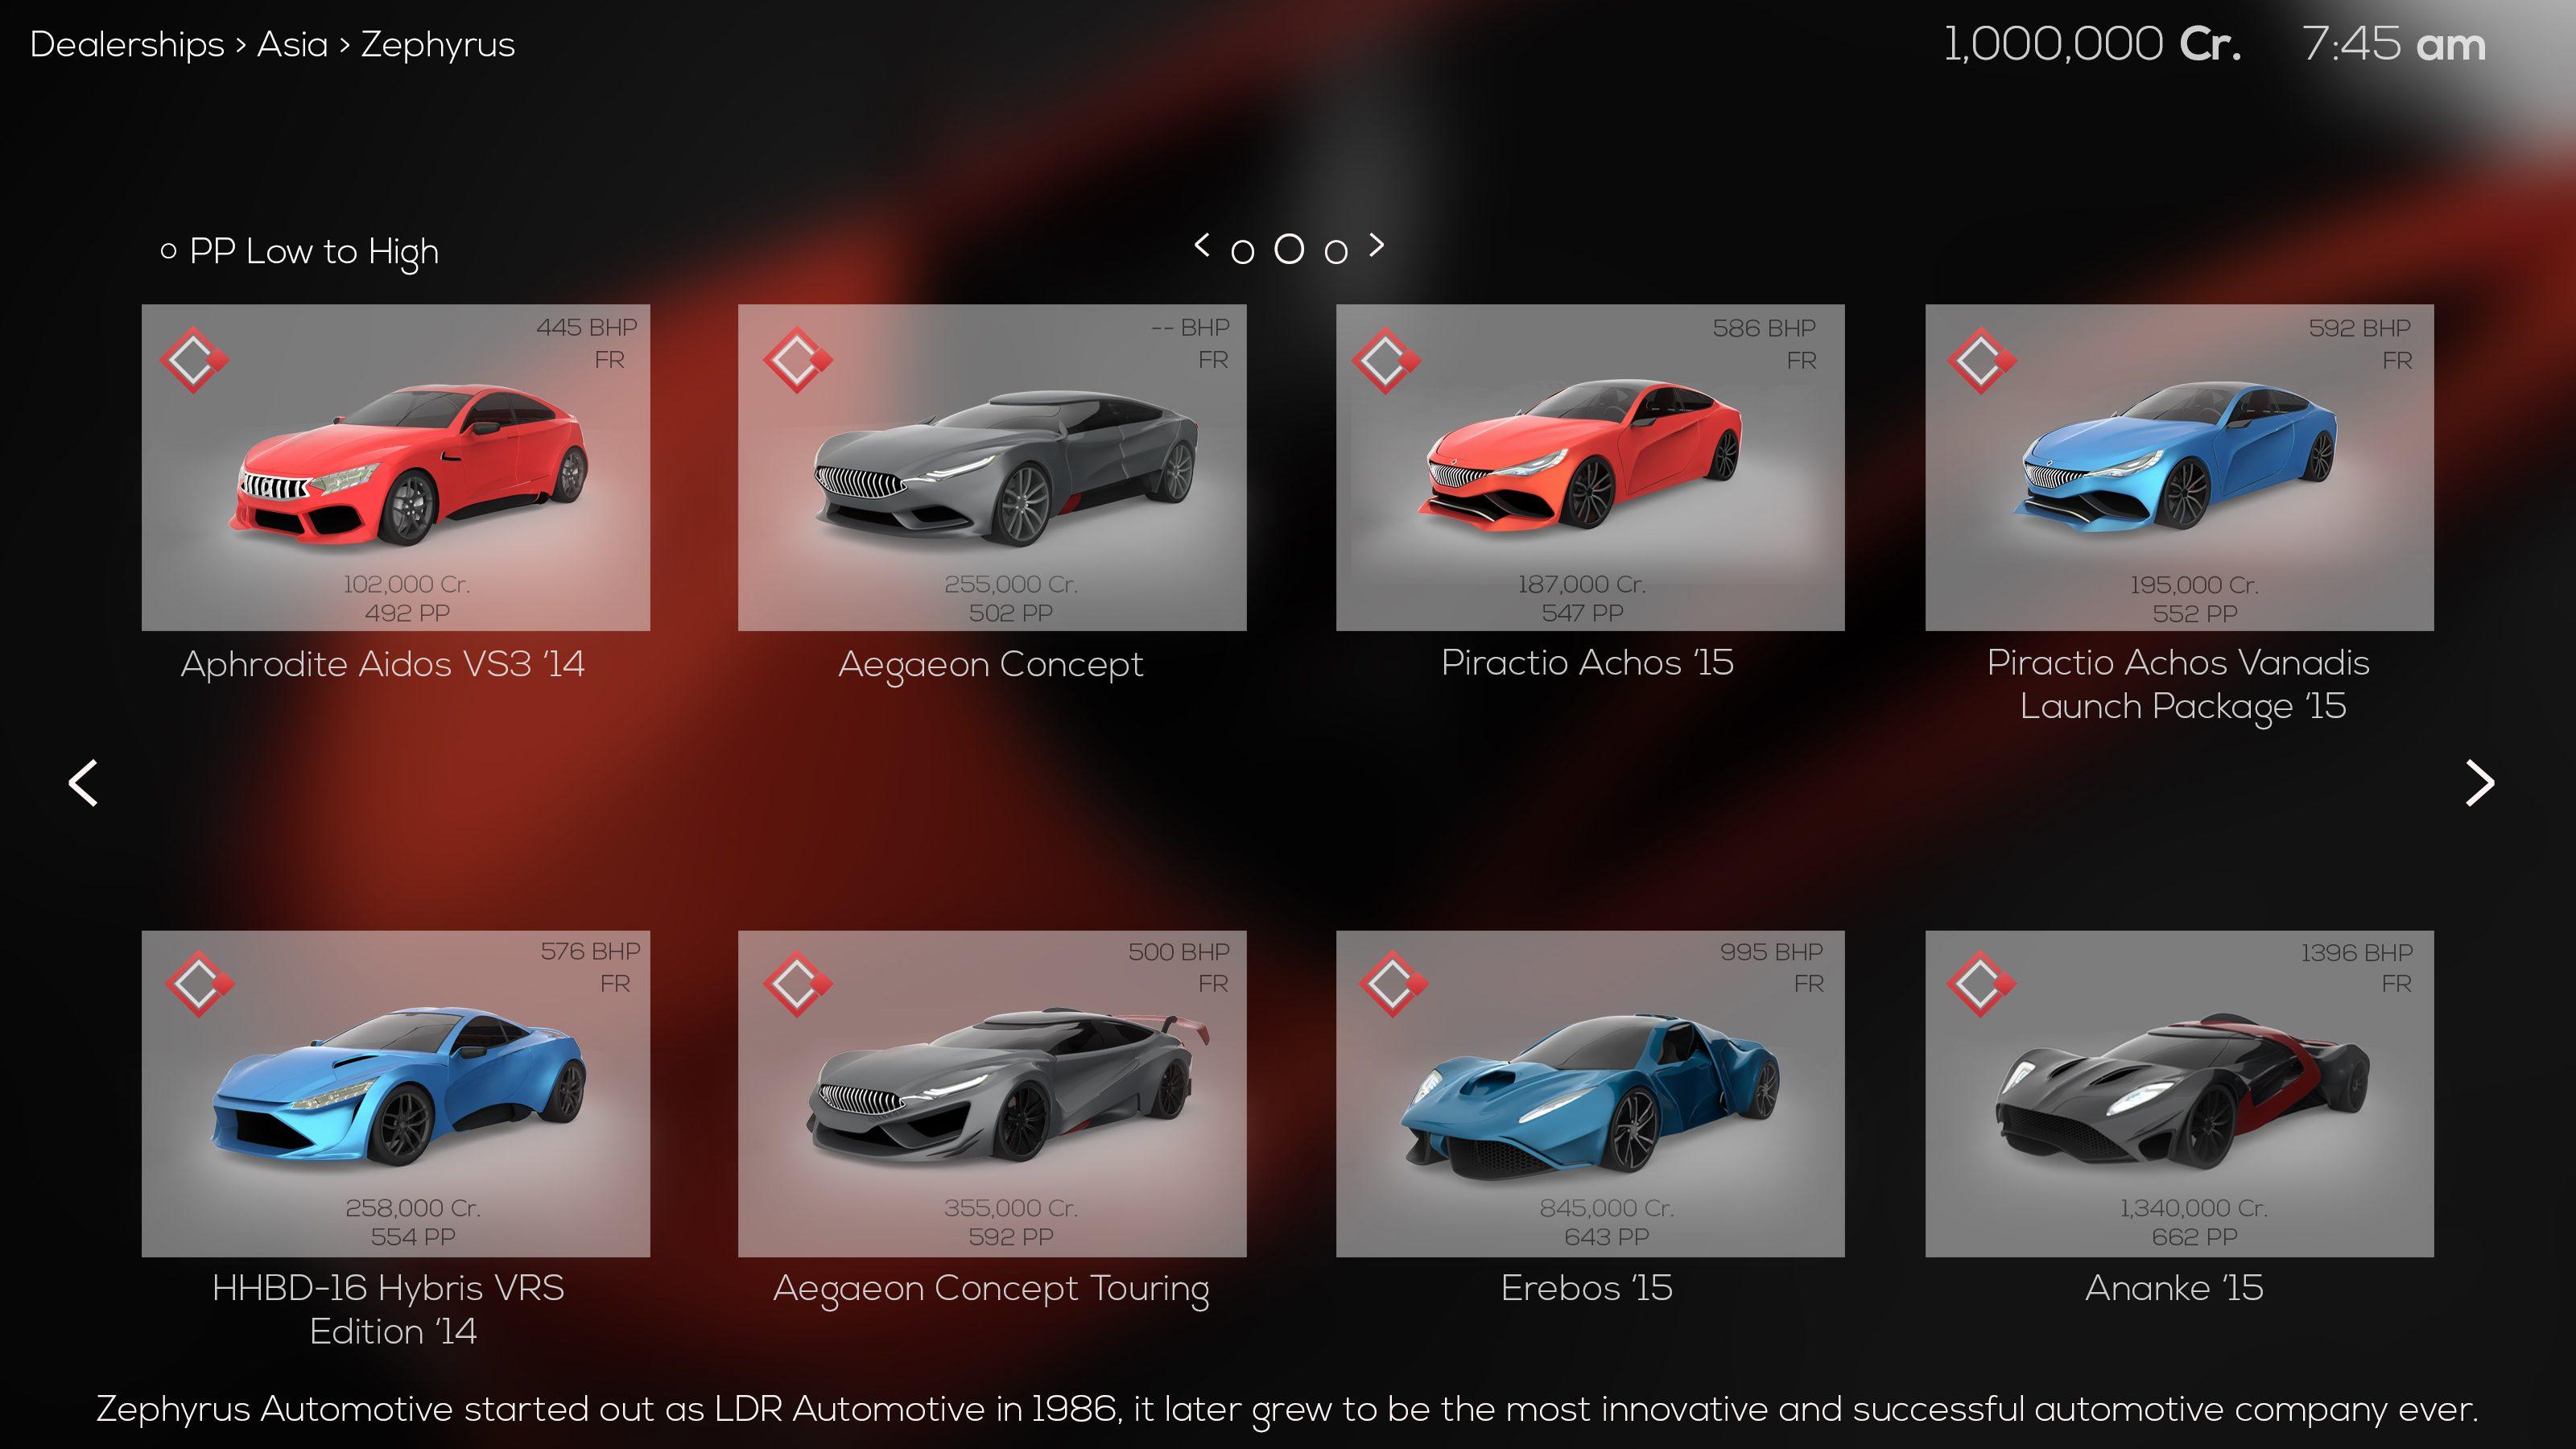 Dealership menu GT7.jpg